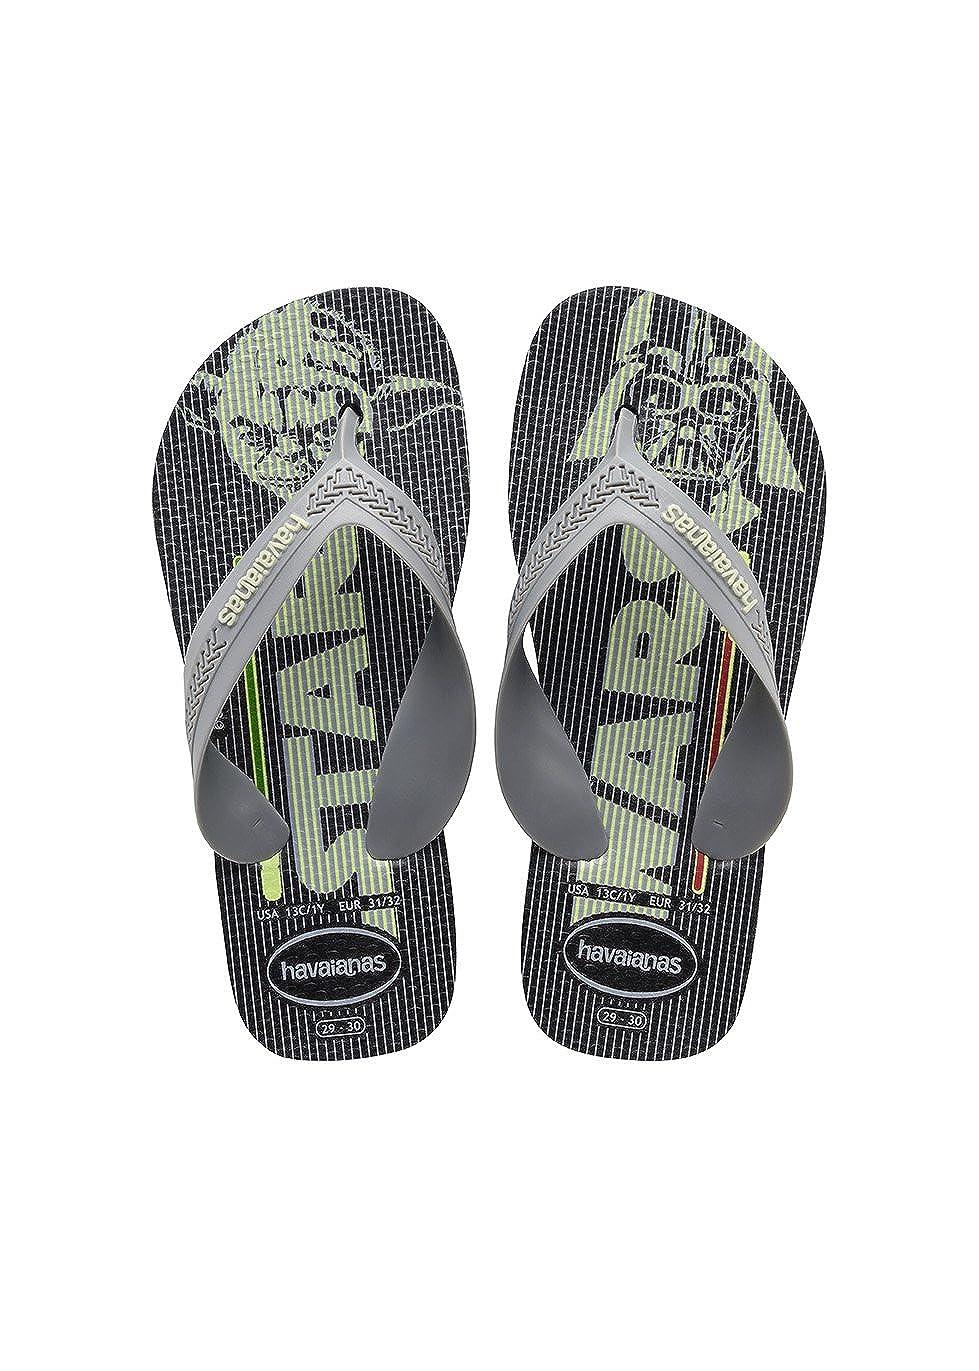 Havaianas Printed Flip Flops Kids Max Star Wars 4137117